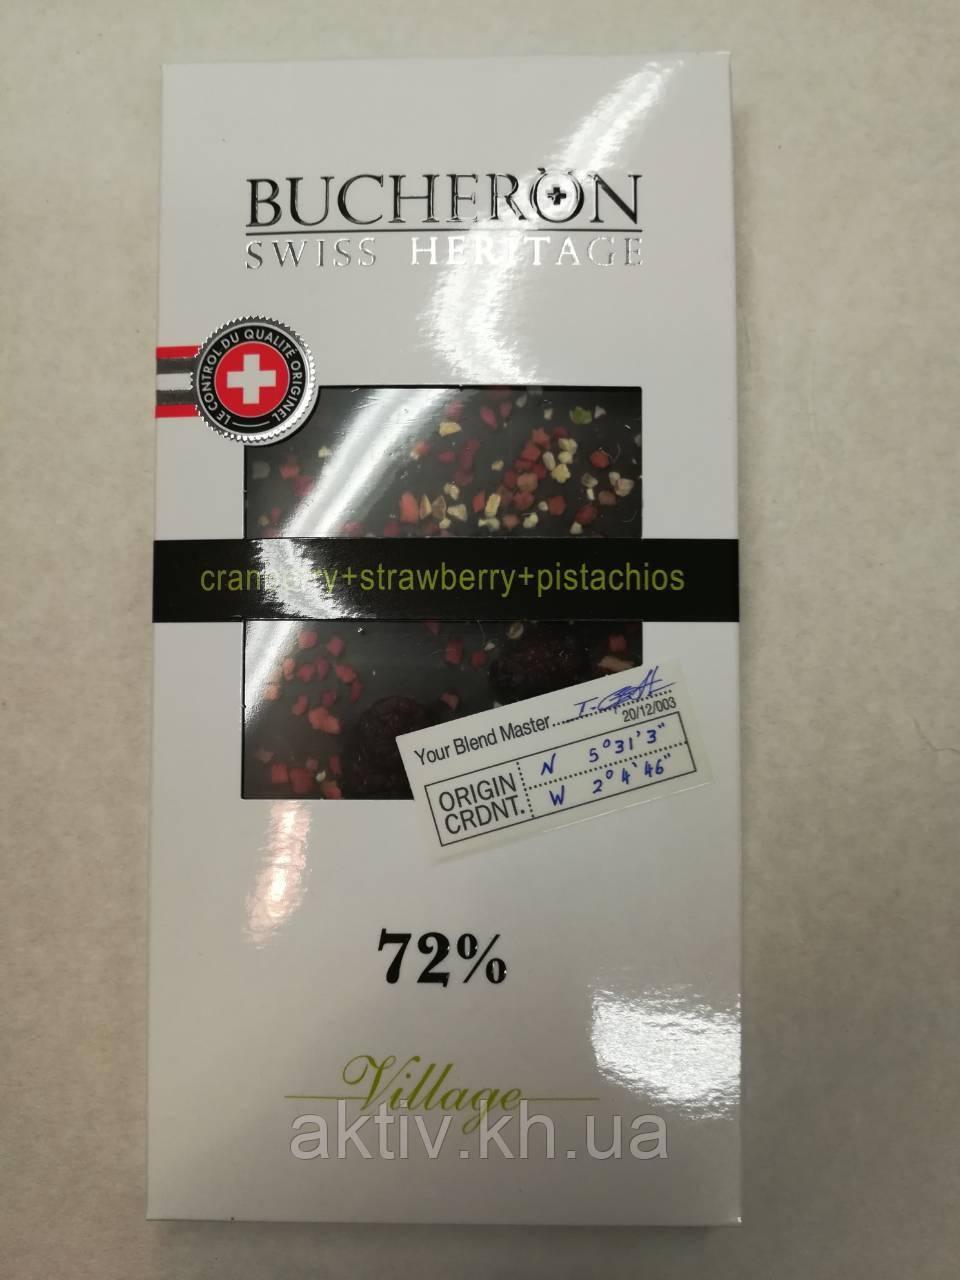 Bucheron журавлина, полуниця, фісташки